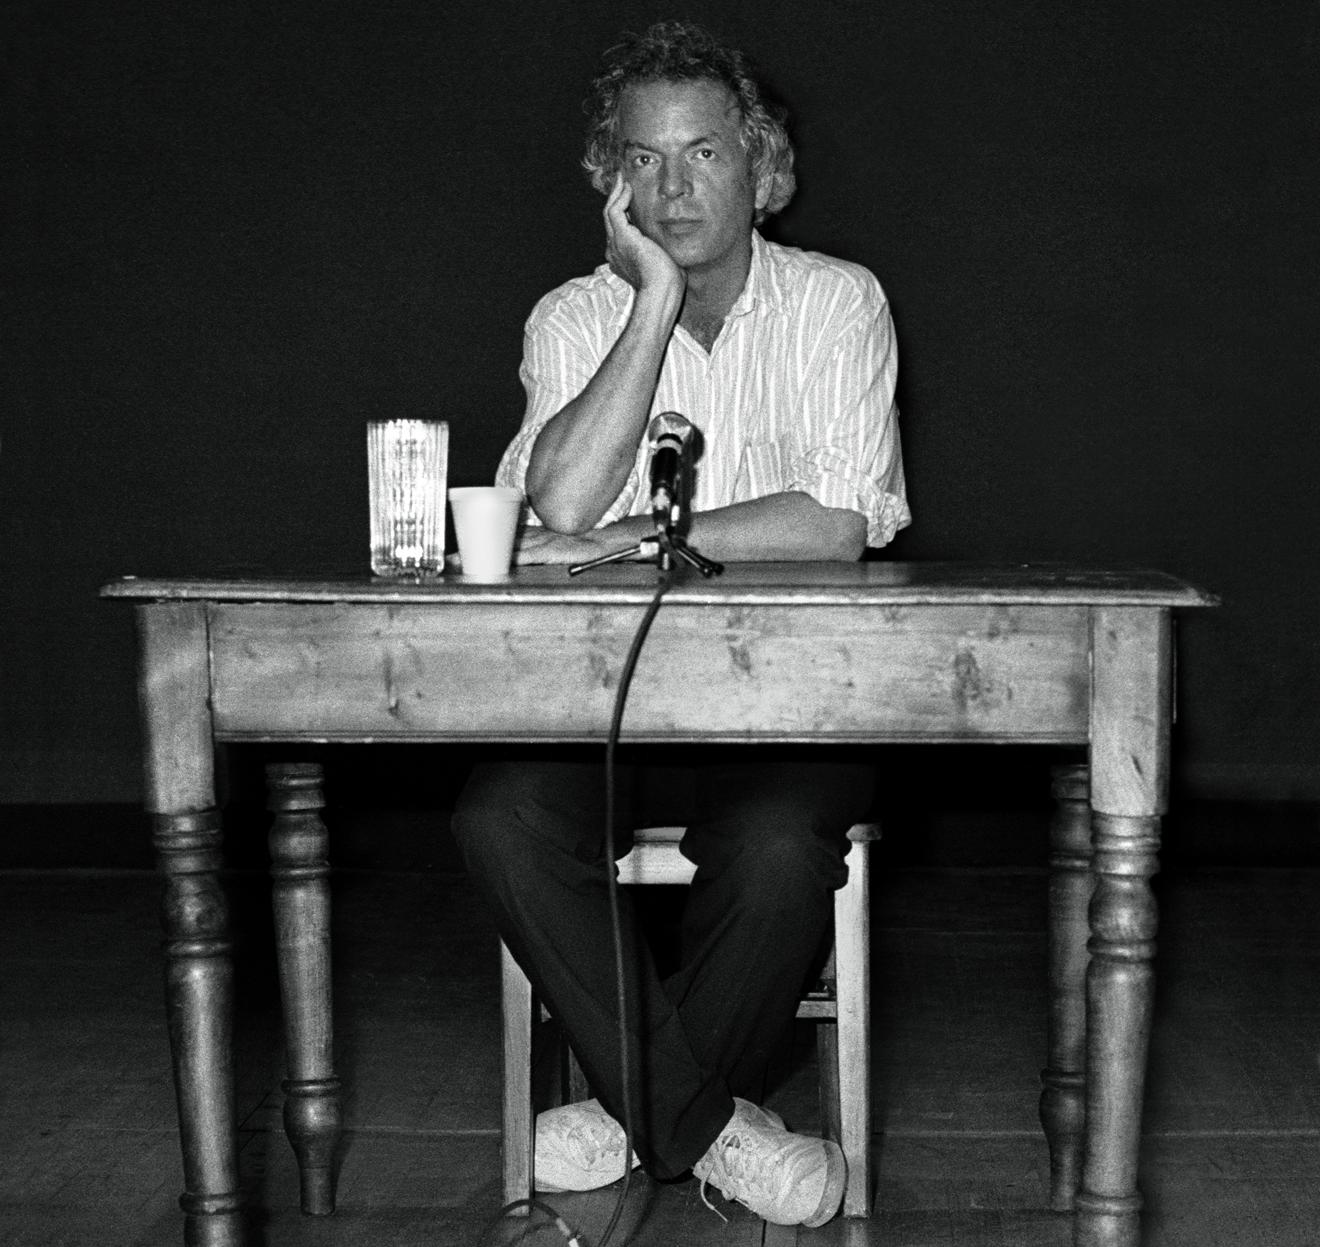 Gray era a saída para a armadilha que havia feito do ator uma peça a mais no sombrio teatro da imagem. Dedicava-se a uma arte tão antiga quanto o próprio homem, a de contar uma história